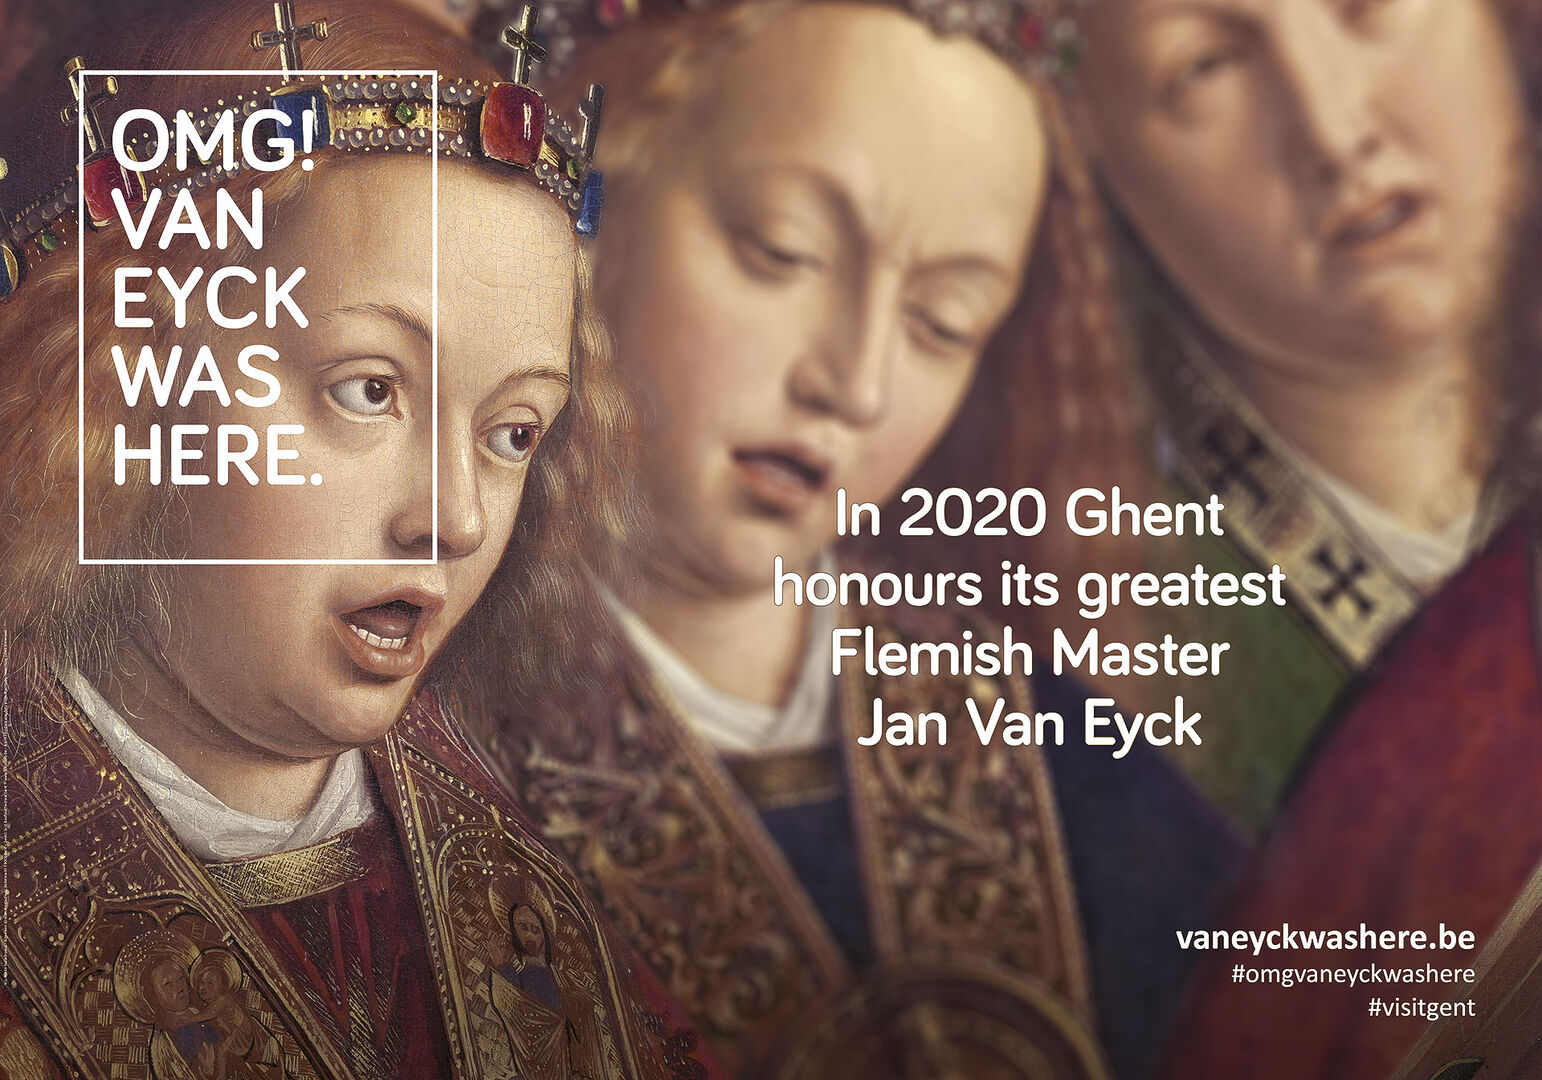 Resultado de imagen de van eyck 2020